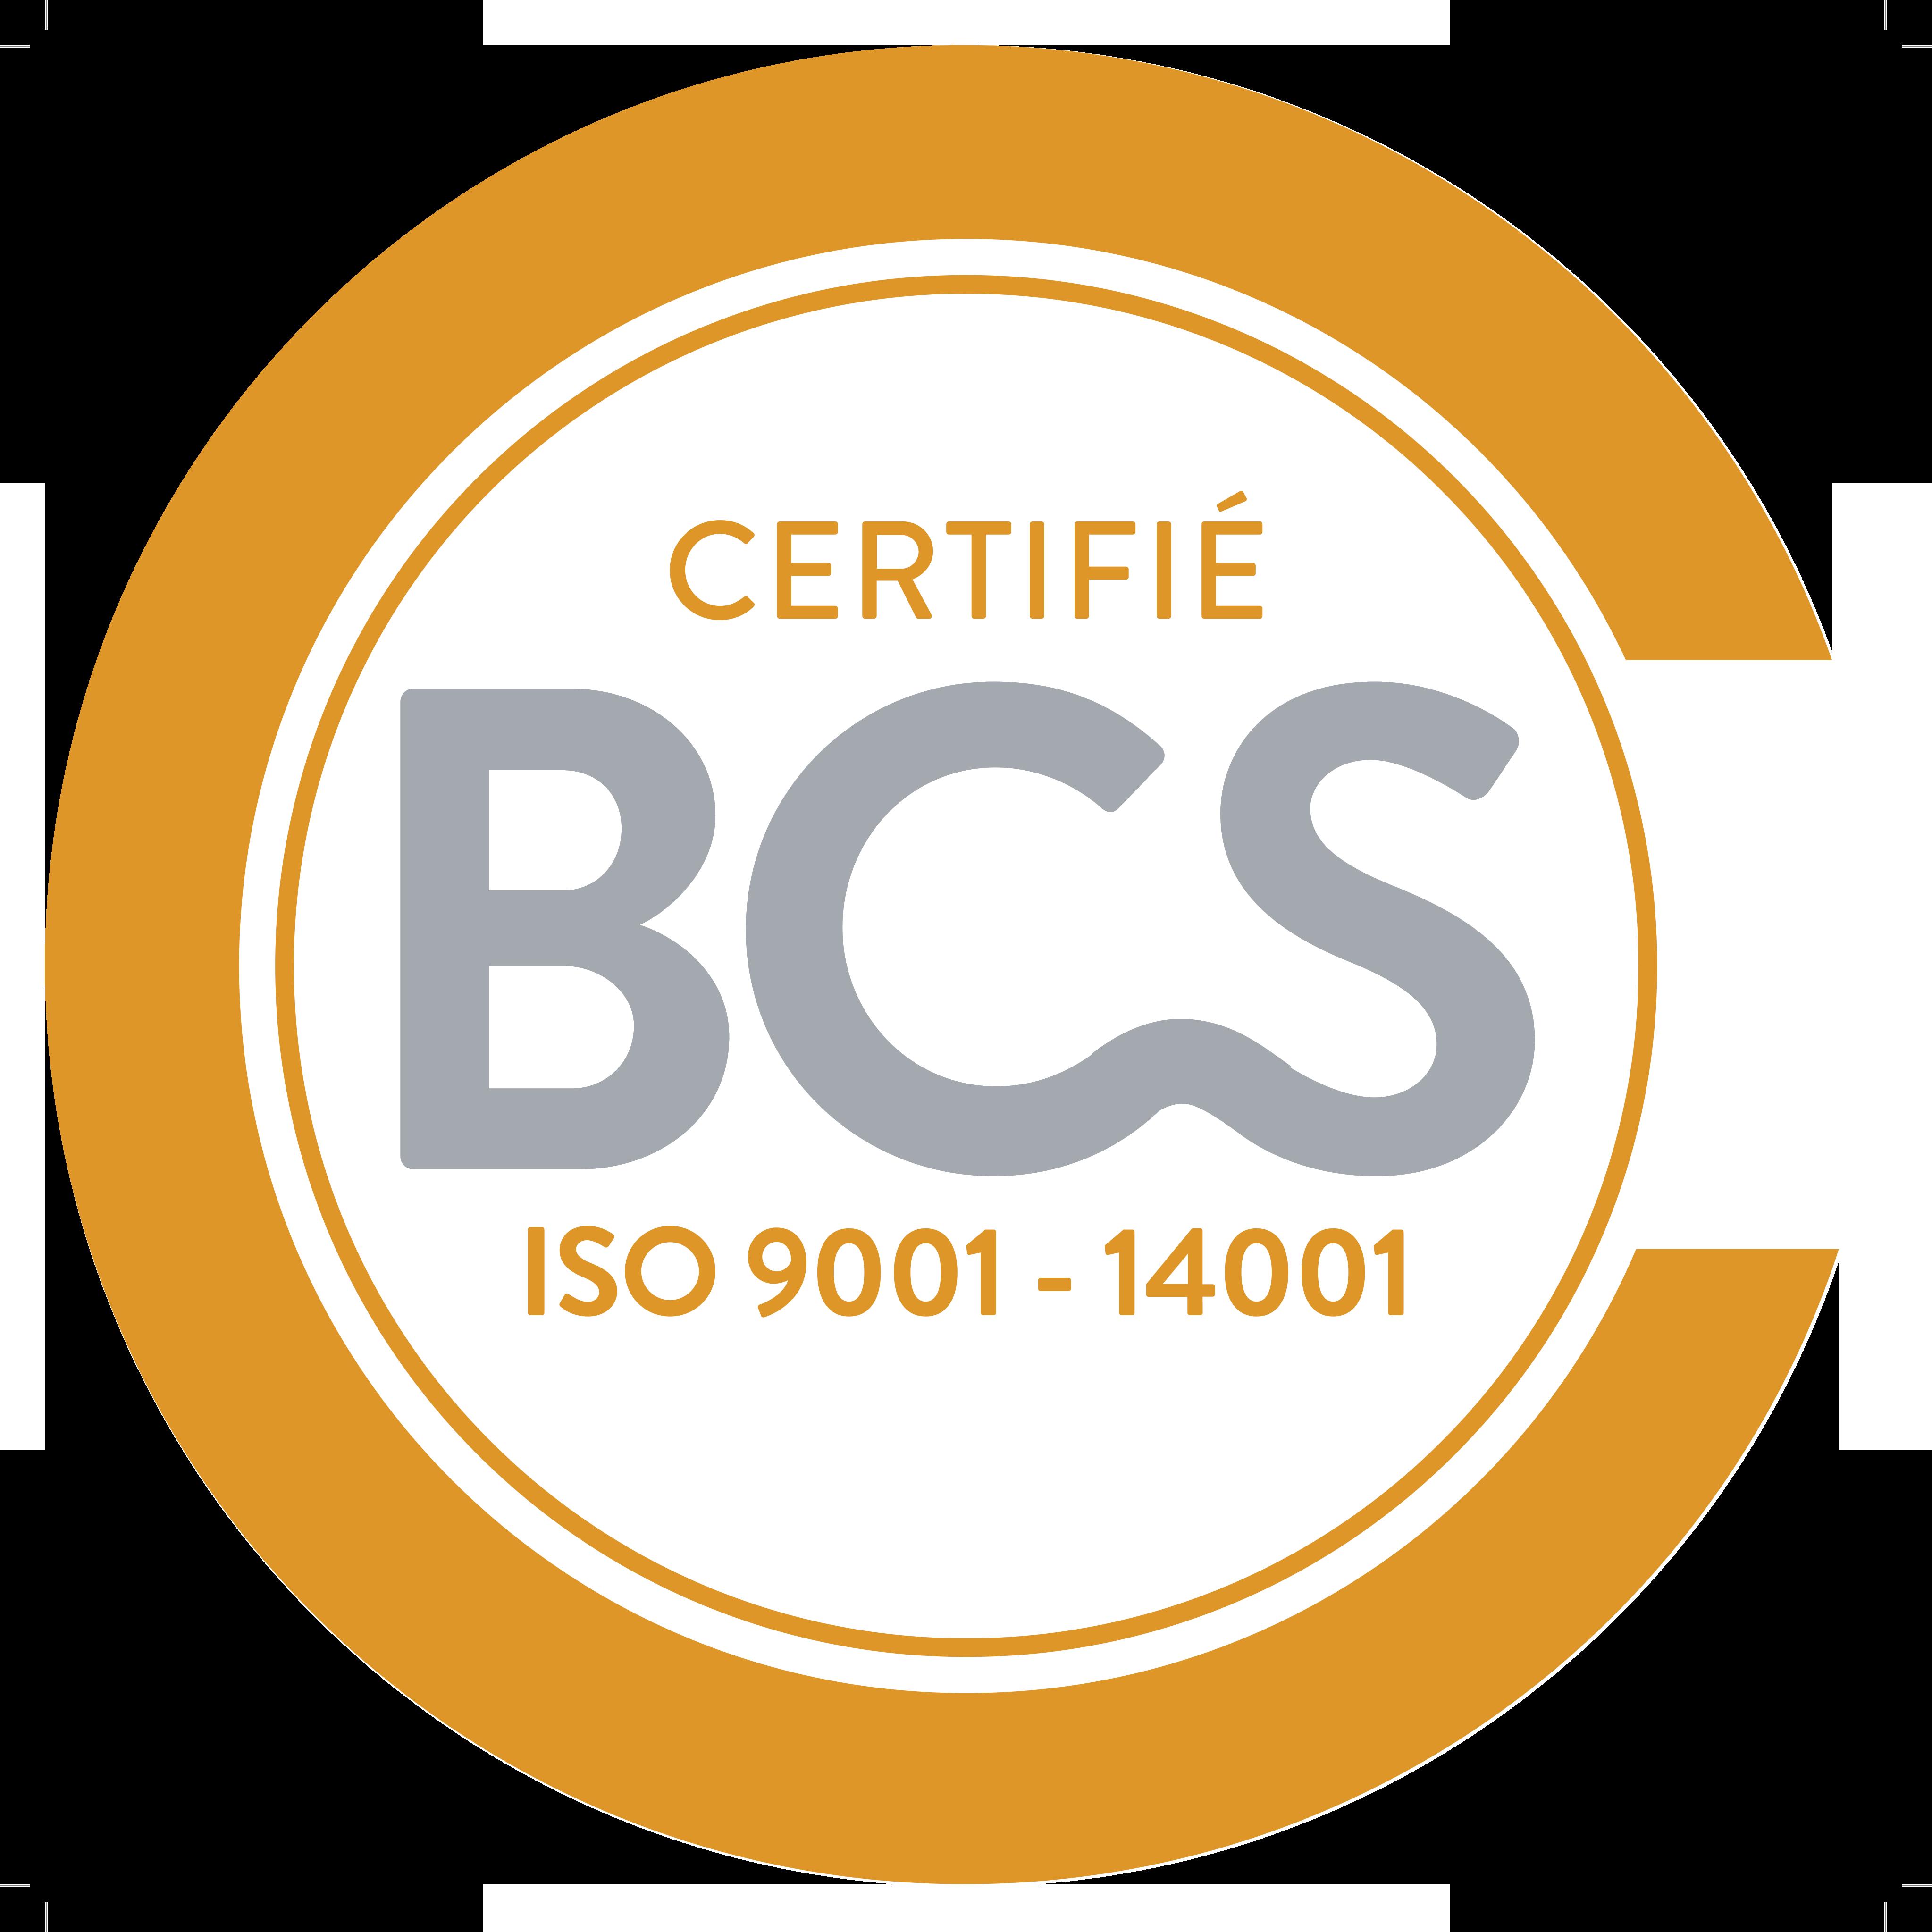 Certifié BCS ISO 9001 - 14001